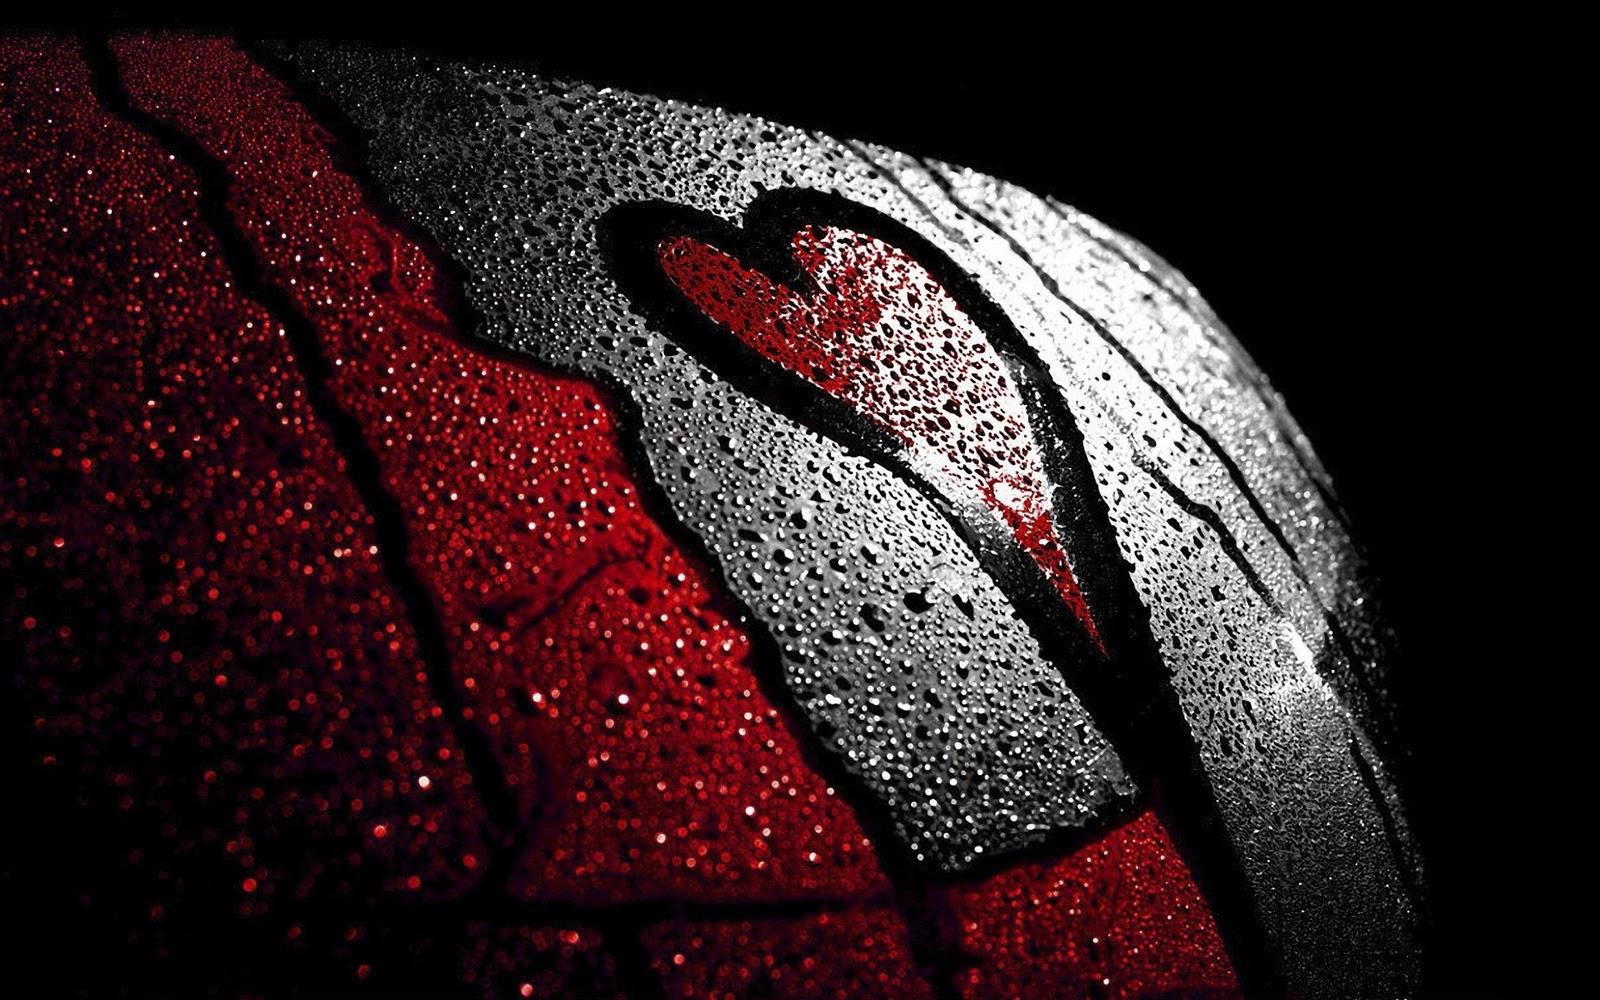 http://1.bp.blogspot.com/-yG61CqaINmE/TrK8hoTQmbI/AAAAAAAAAUg/E97RMUCh9KY/s1600/Drops.jpg